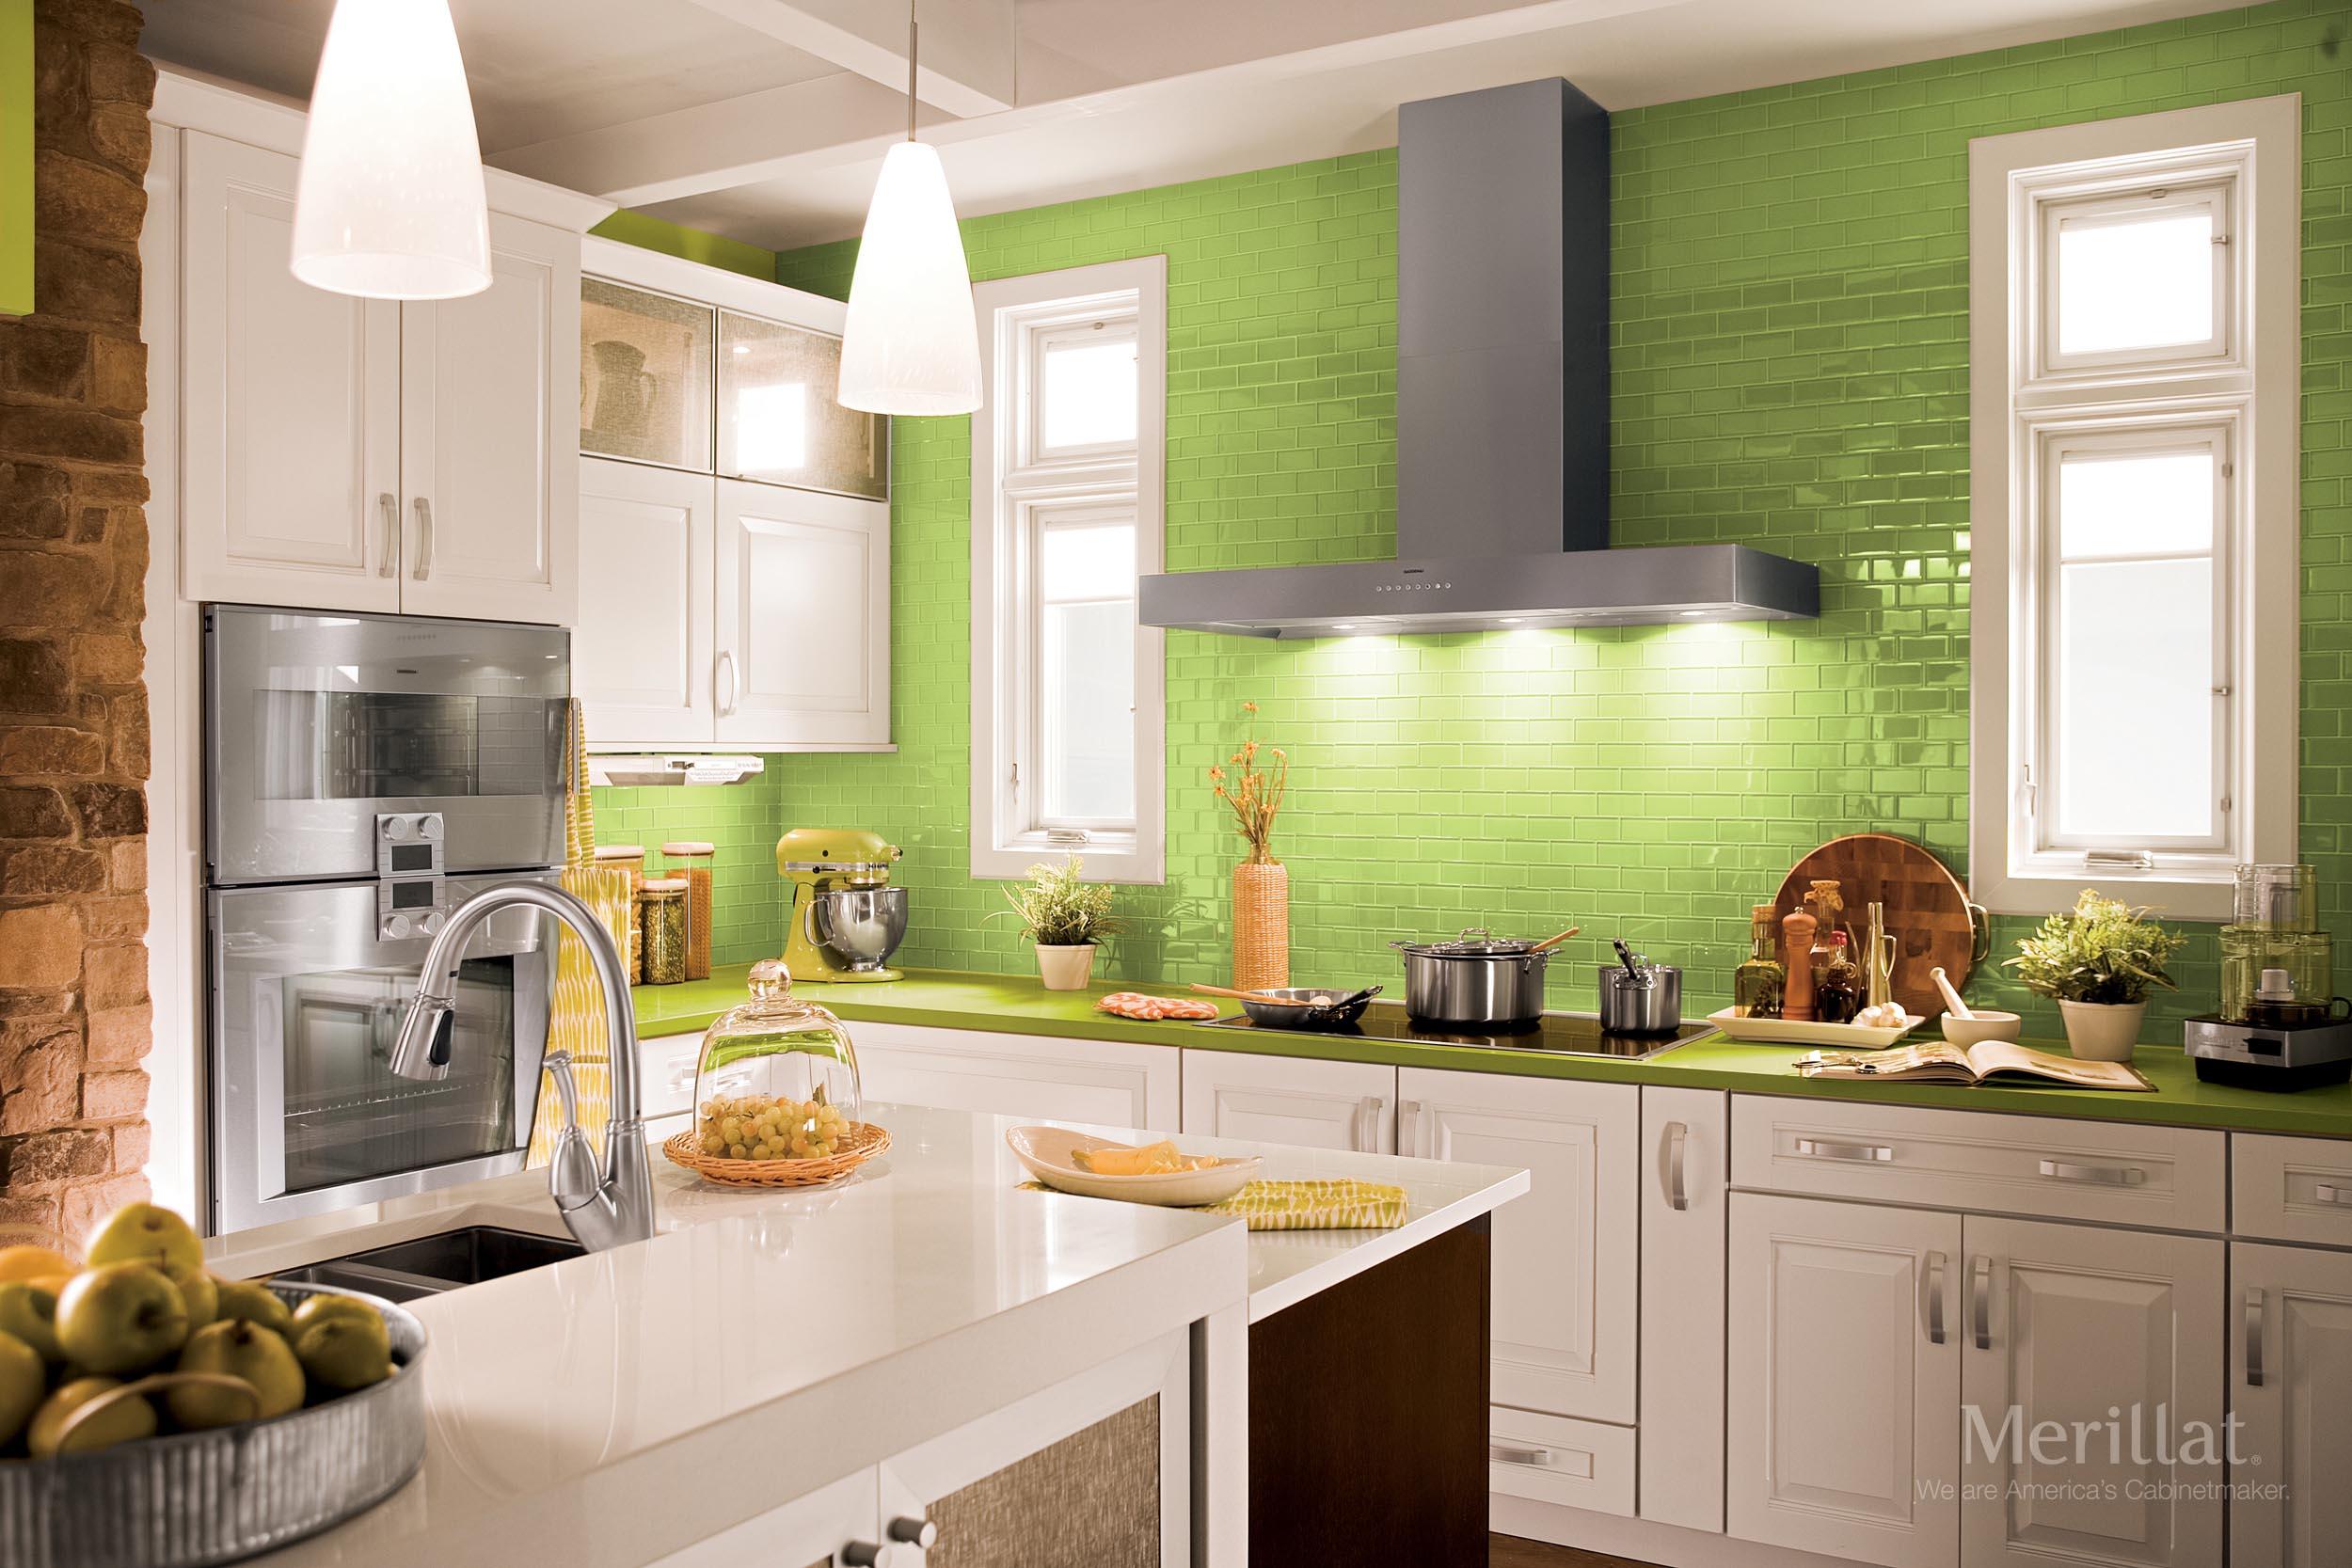 Merillat Kitchen Cabinets Merillat Masterpiecer Laredo In Maple Dove White Painted Merillat